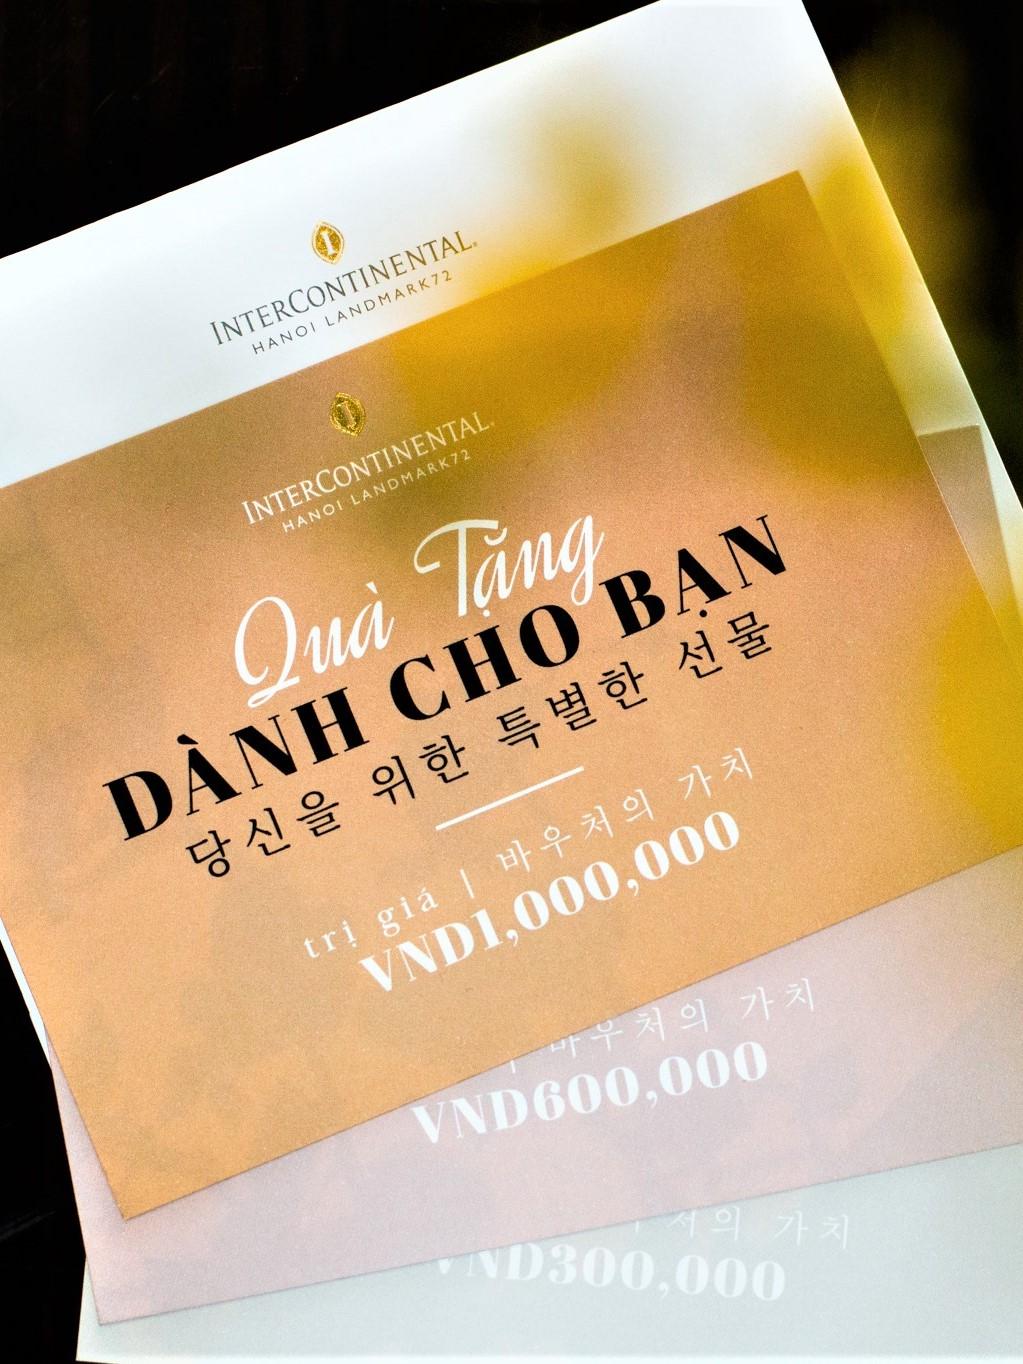 voucher ưu đãi ẩm thực tại nhà hàng 5 sao khách sạn intercontinental hanoi